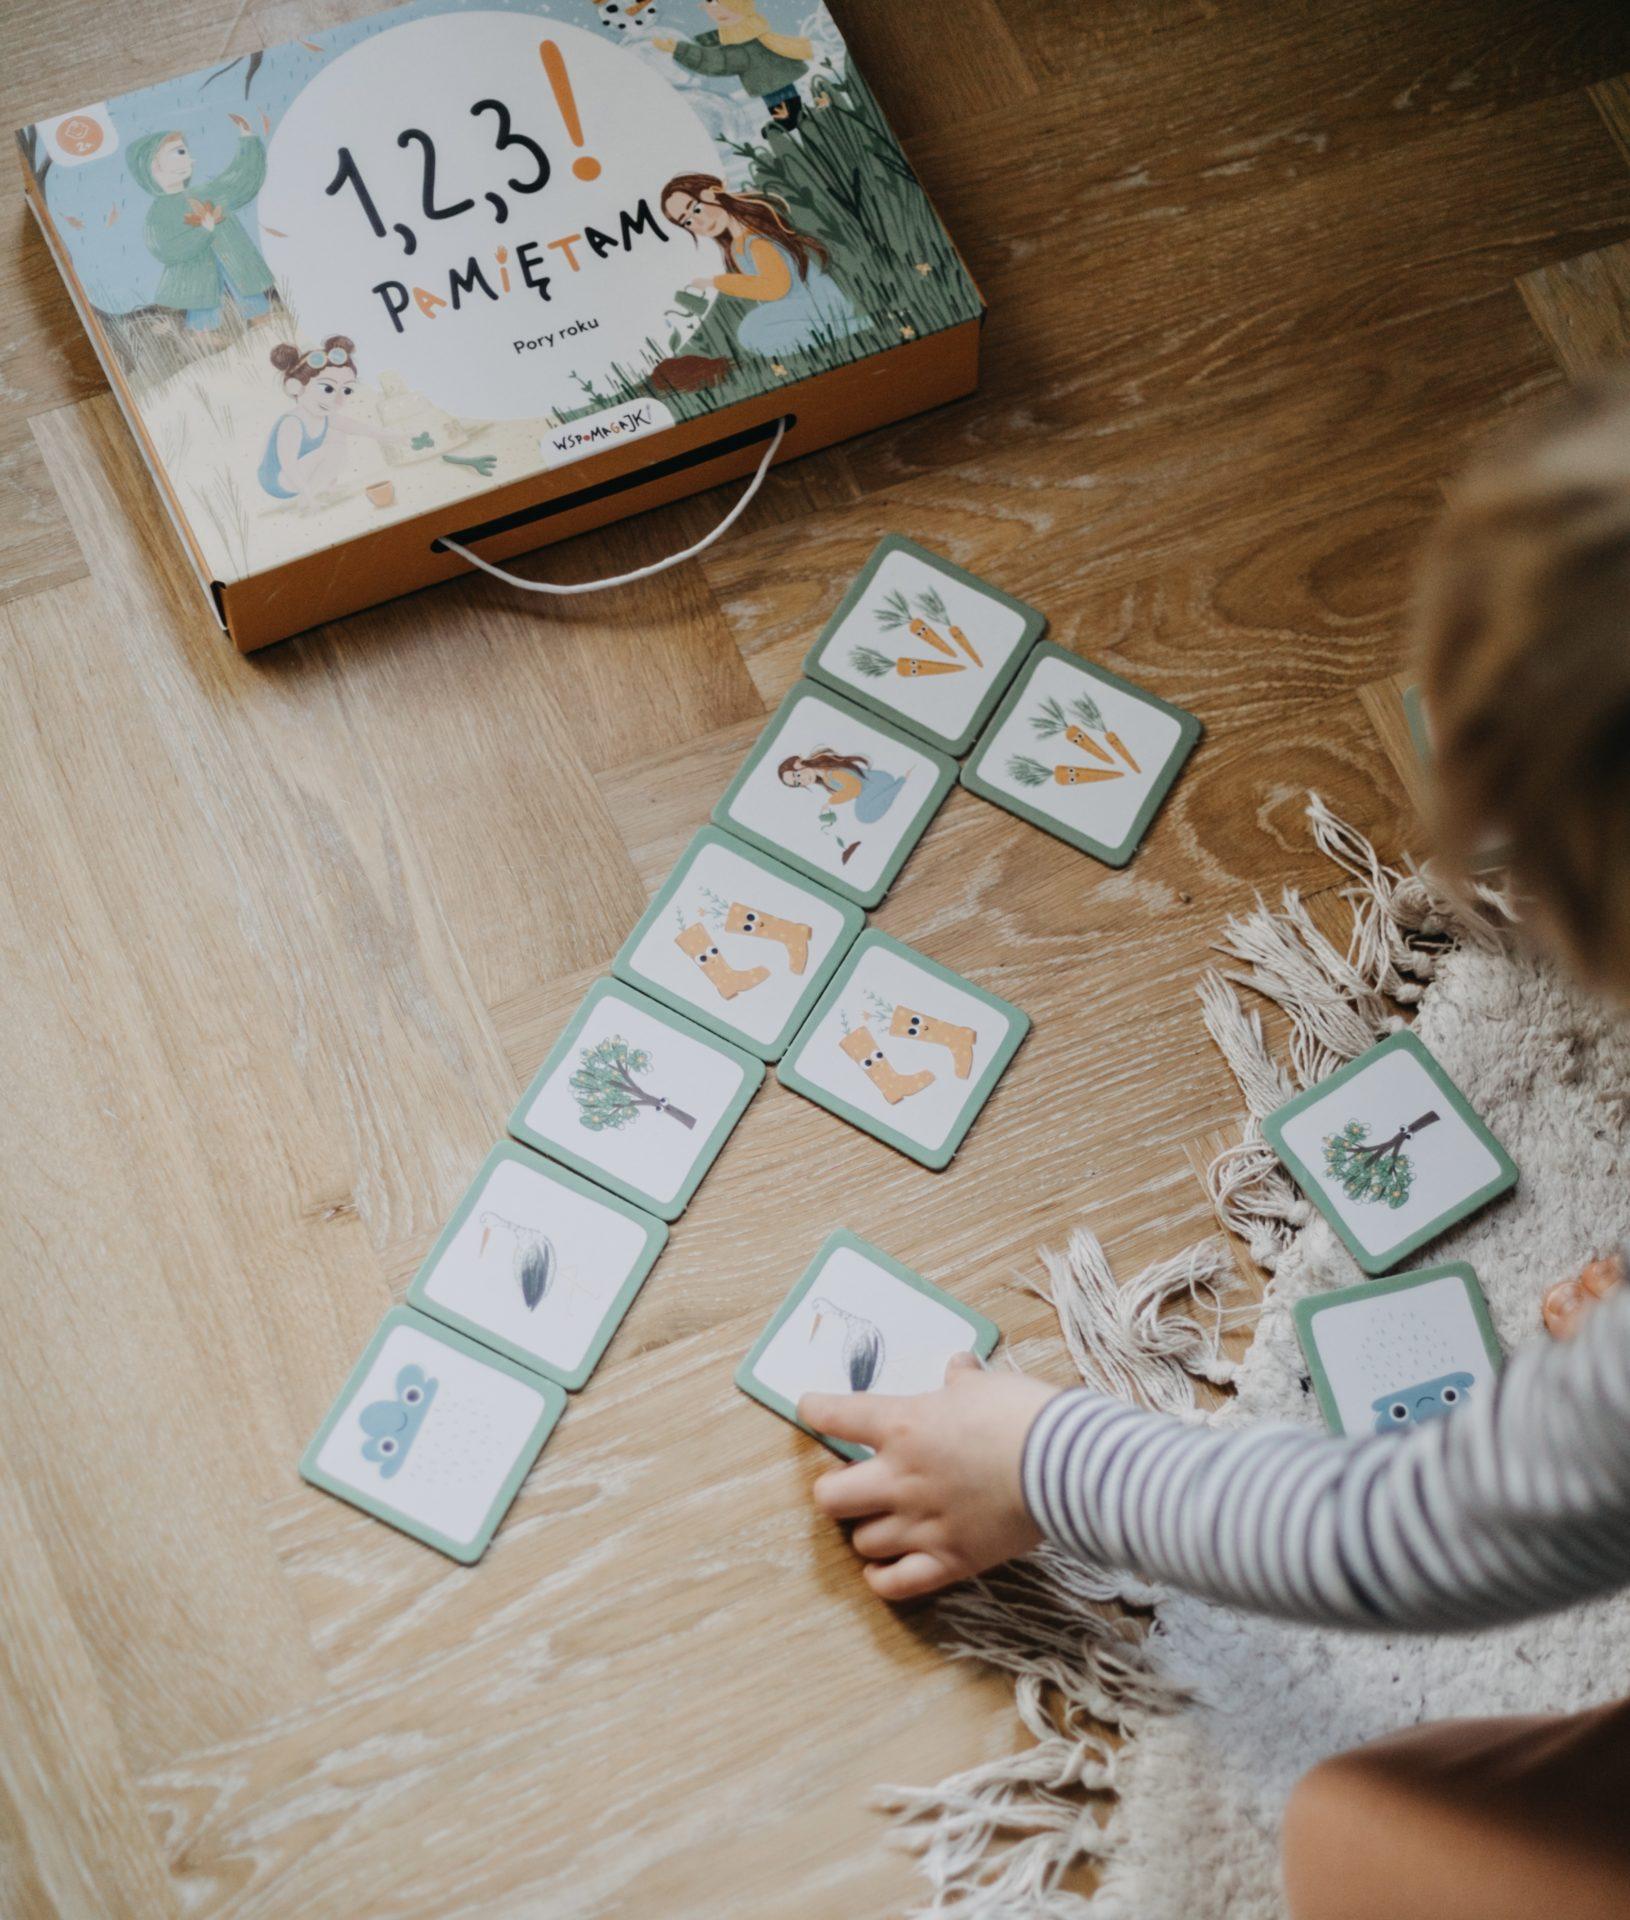 Dziecko układa sekwencję obrazków